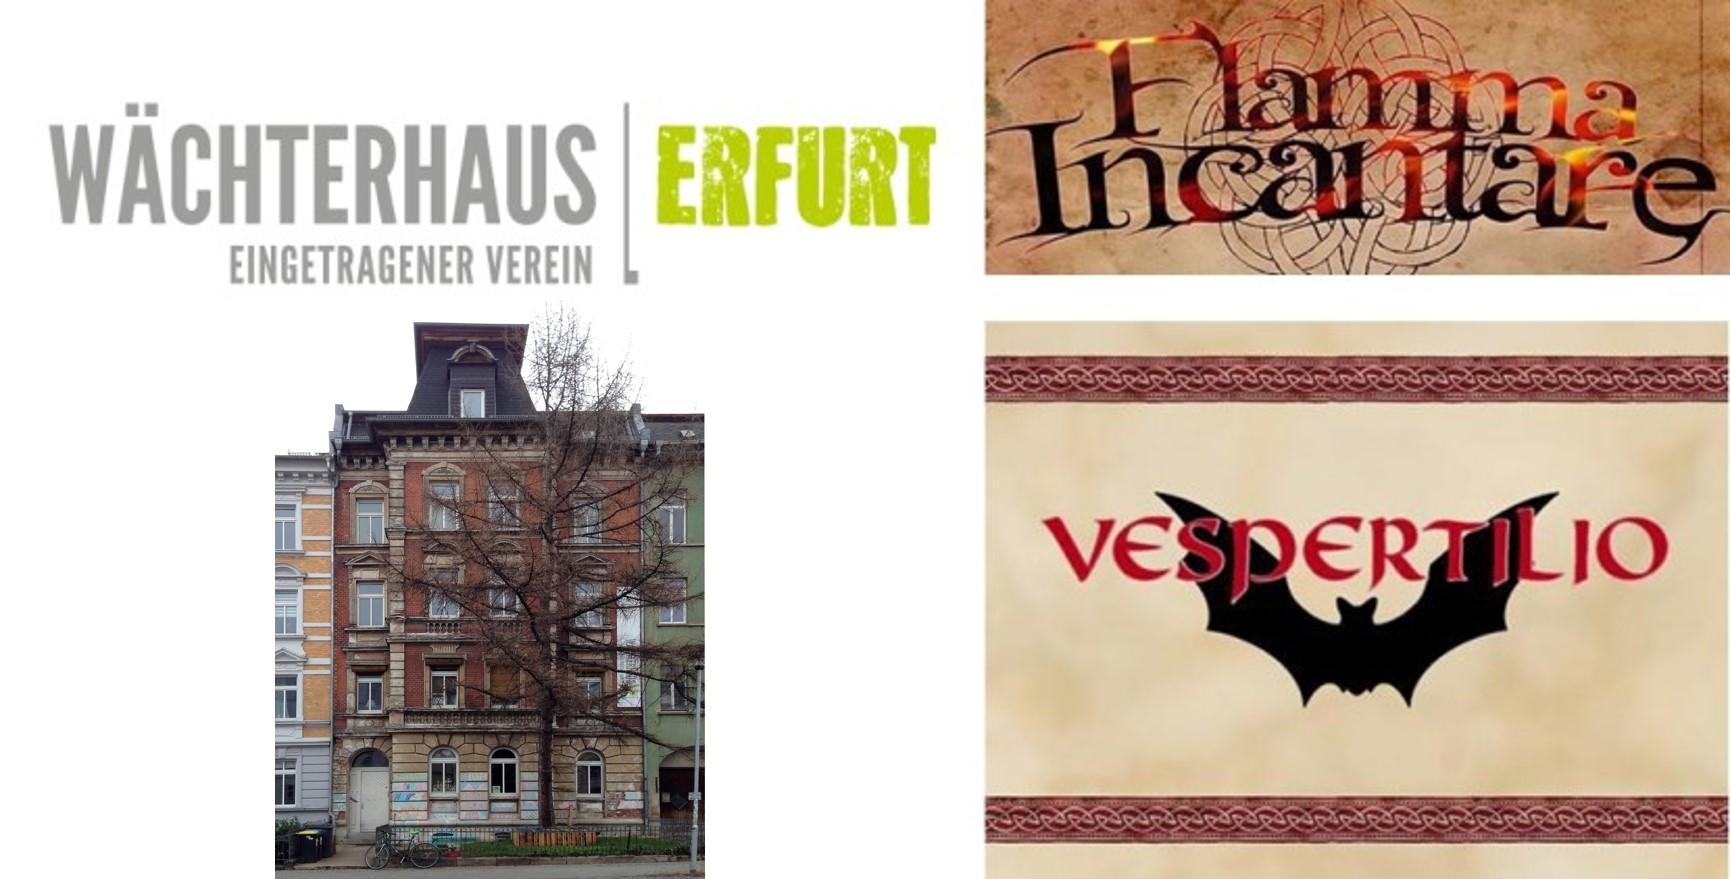 Flamma-Incantare, Vespertilio, Wächterhaus, Erfurt, Lange Nacht der Hausmusik